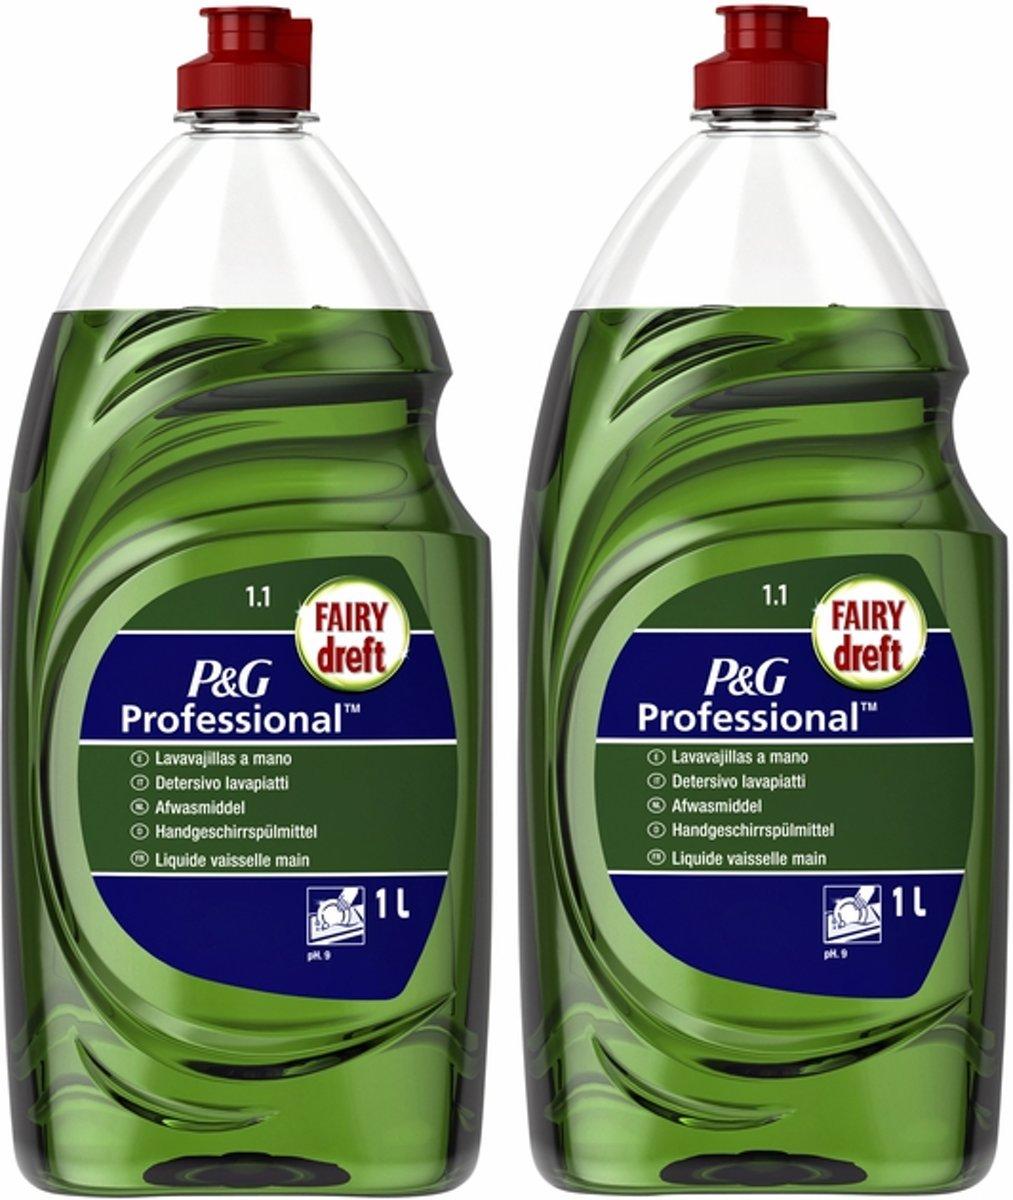 Dreft Professional Afwasmiddel - 2 x 1Liter (voordeel)